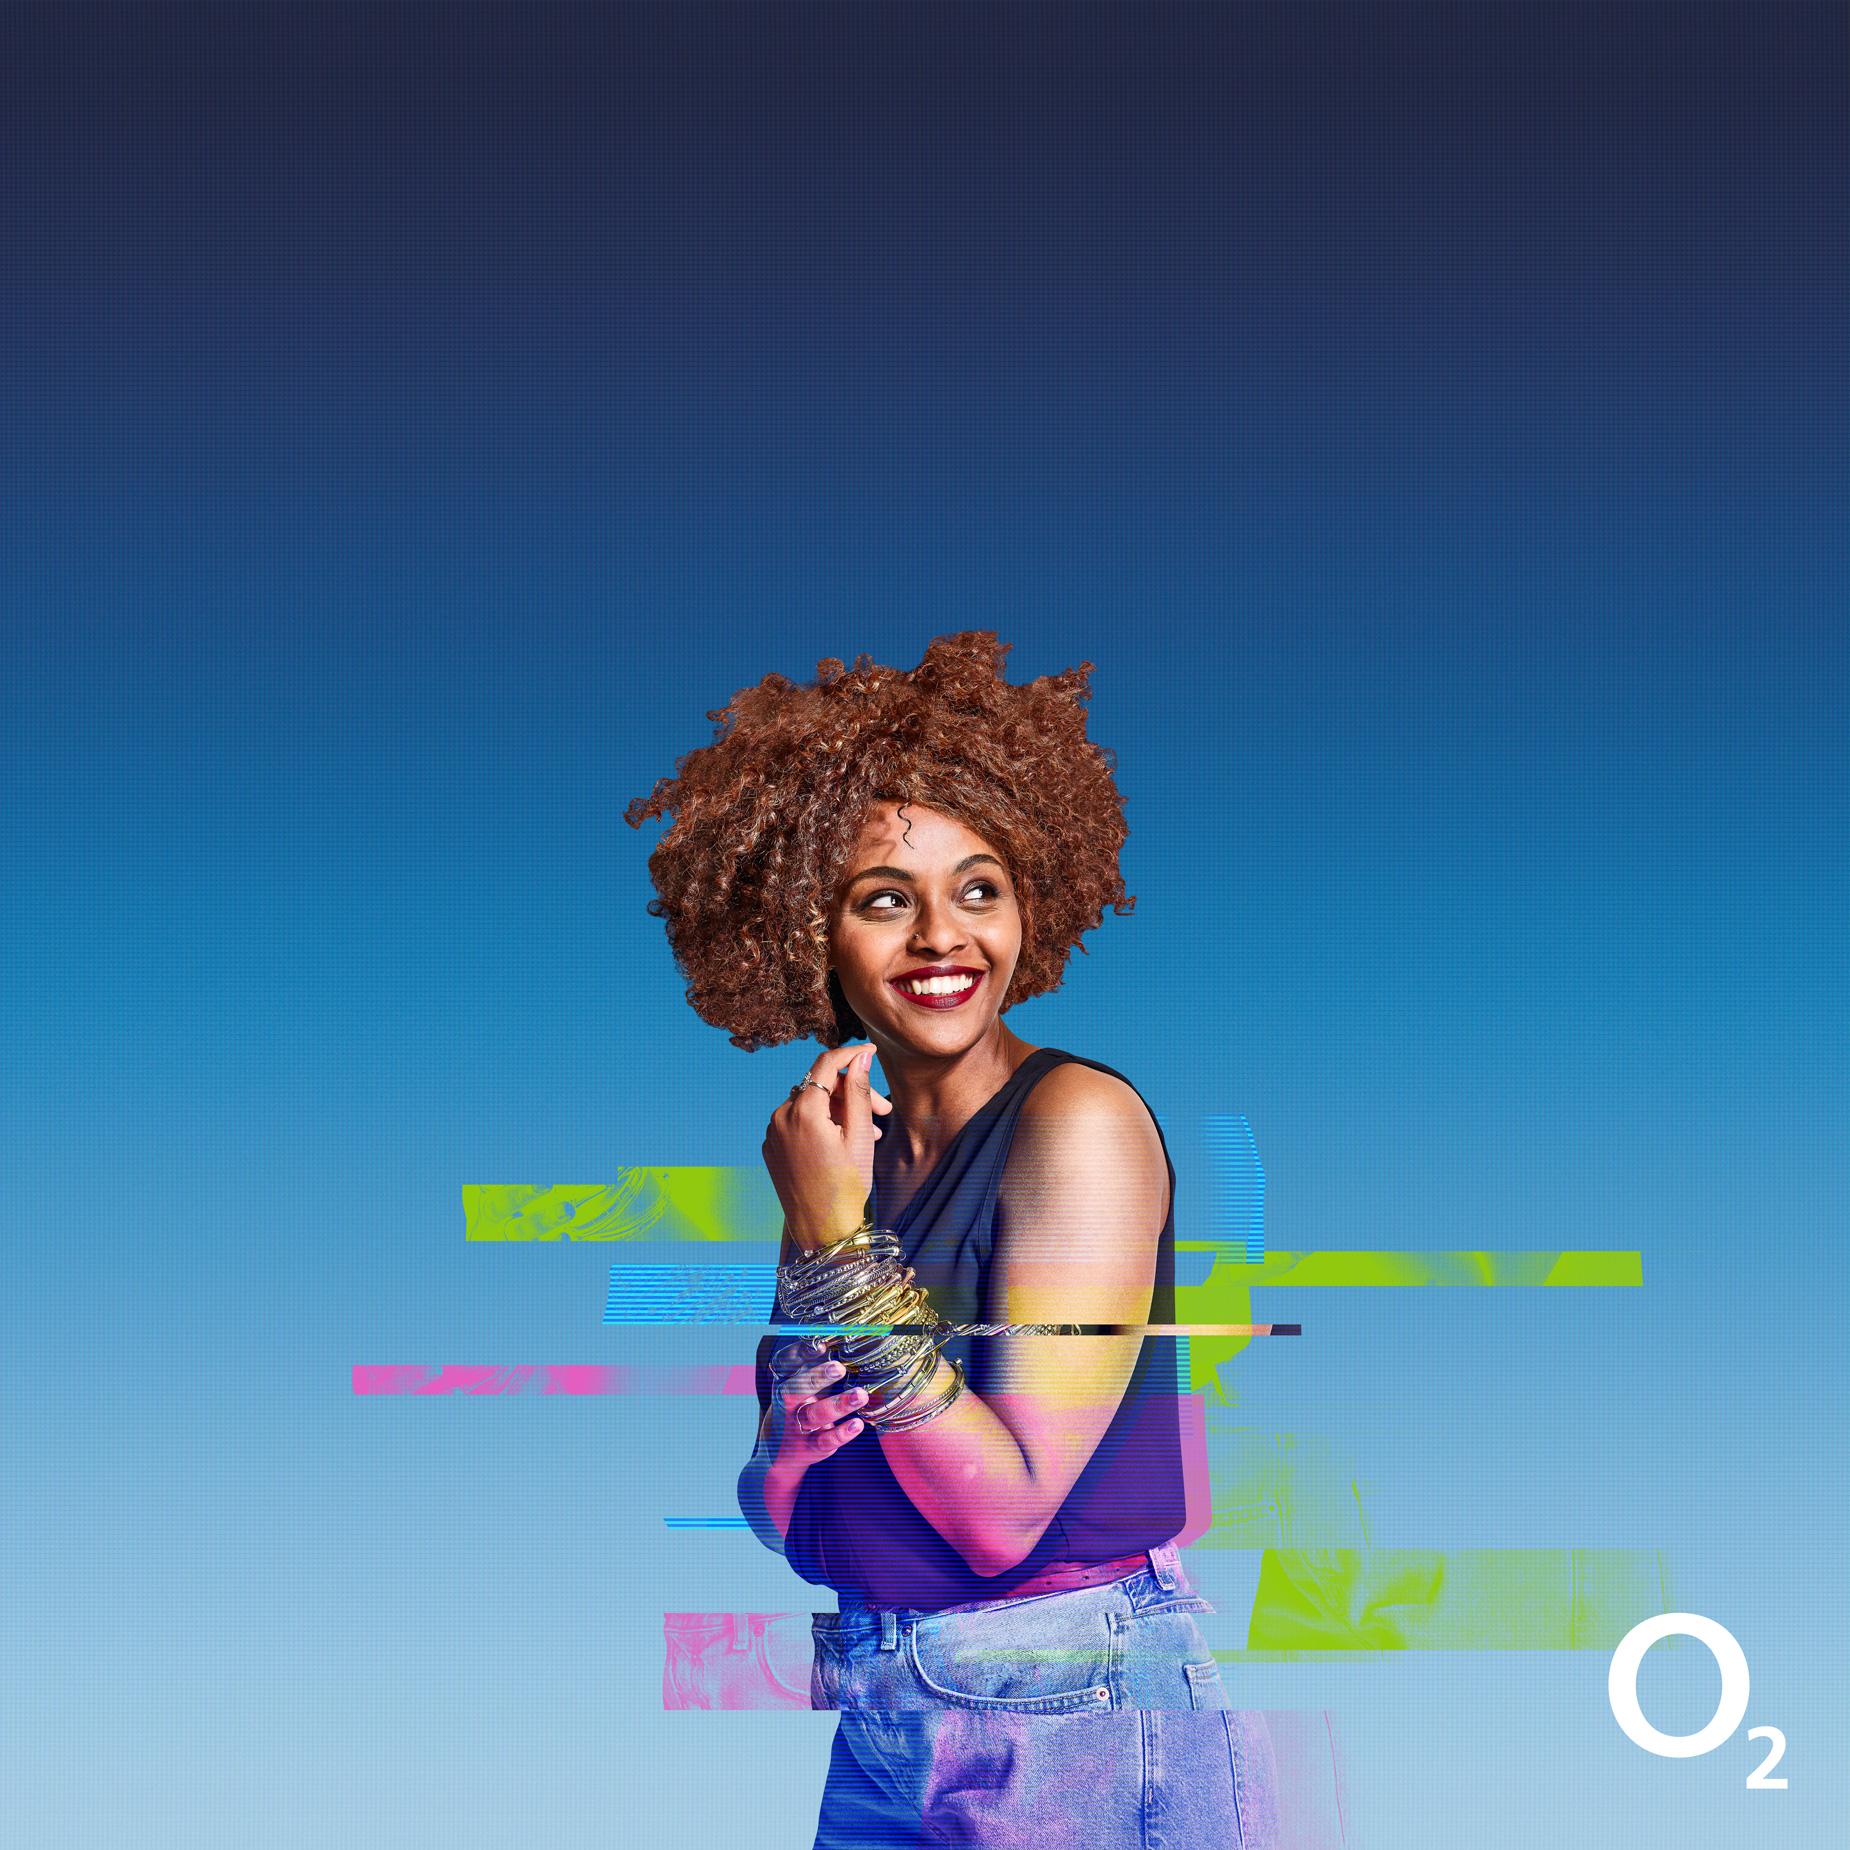 O2-Go-Think-Big-Bethel-Tadesse-3-Small-RGB